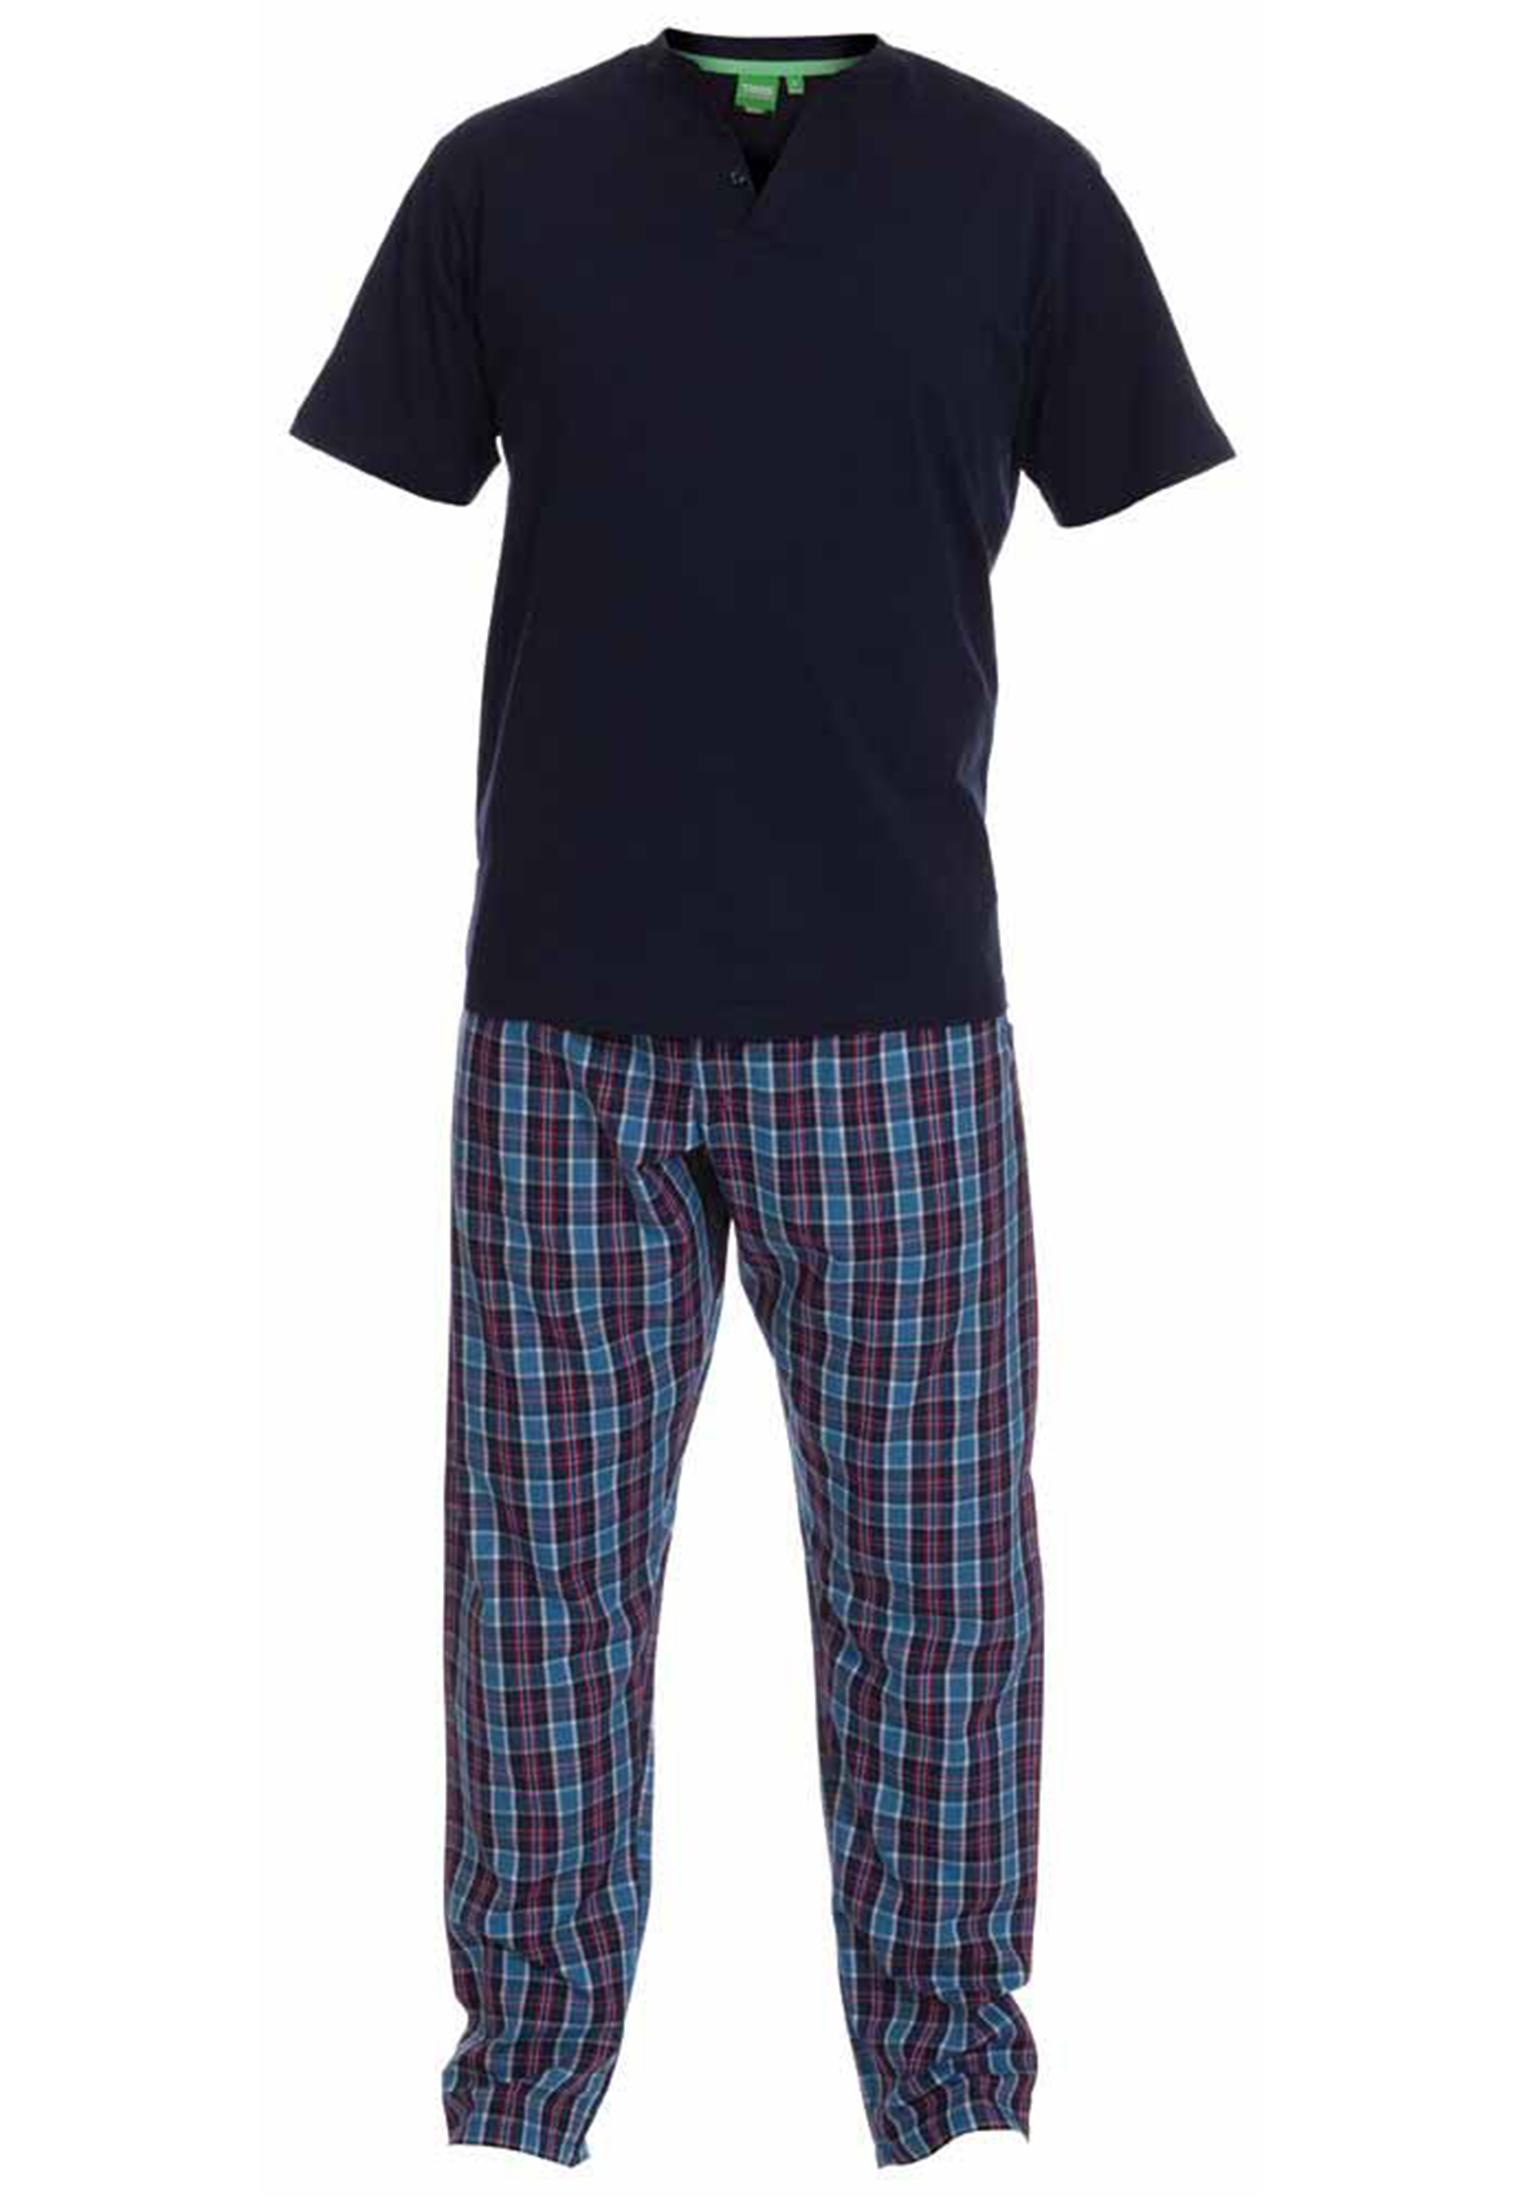 Comfortabele pyjama van het merk D555. De pyjama bestaat uit een donkerblauw T-shirt met korte mouwen en een lange geruite broek. U kunt deze set ook dragen als loungewear.